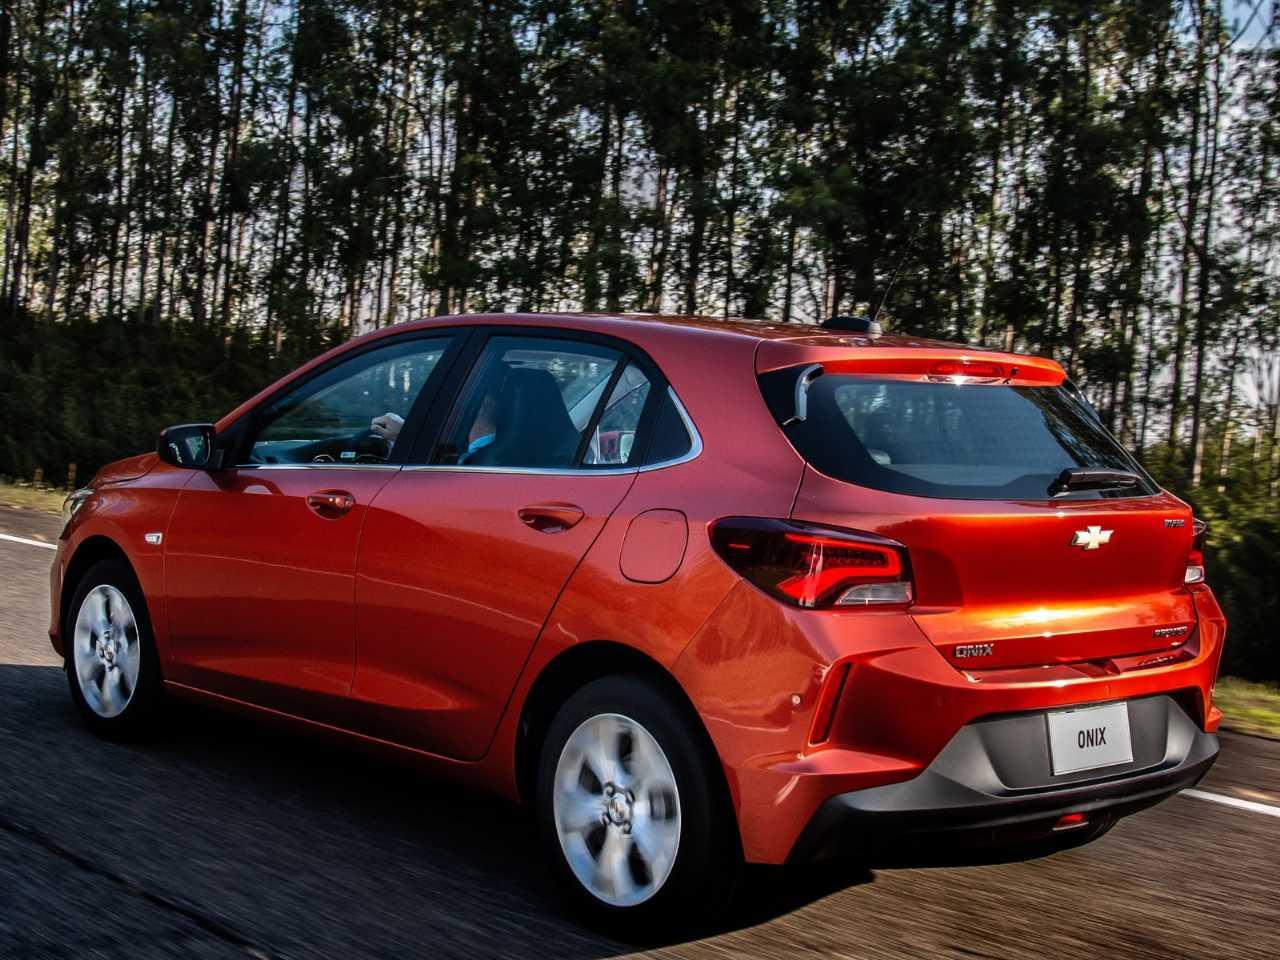 Chevrolet Onix 2020